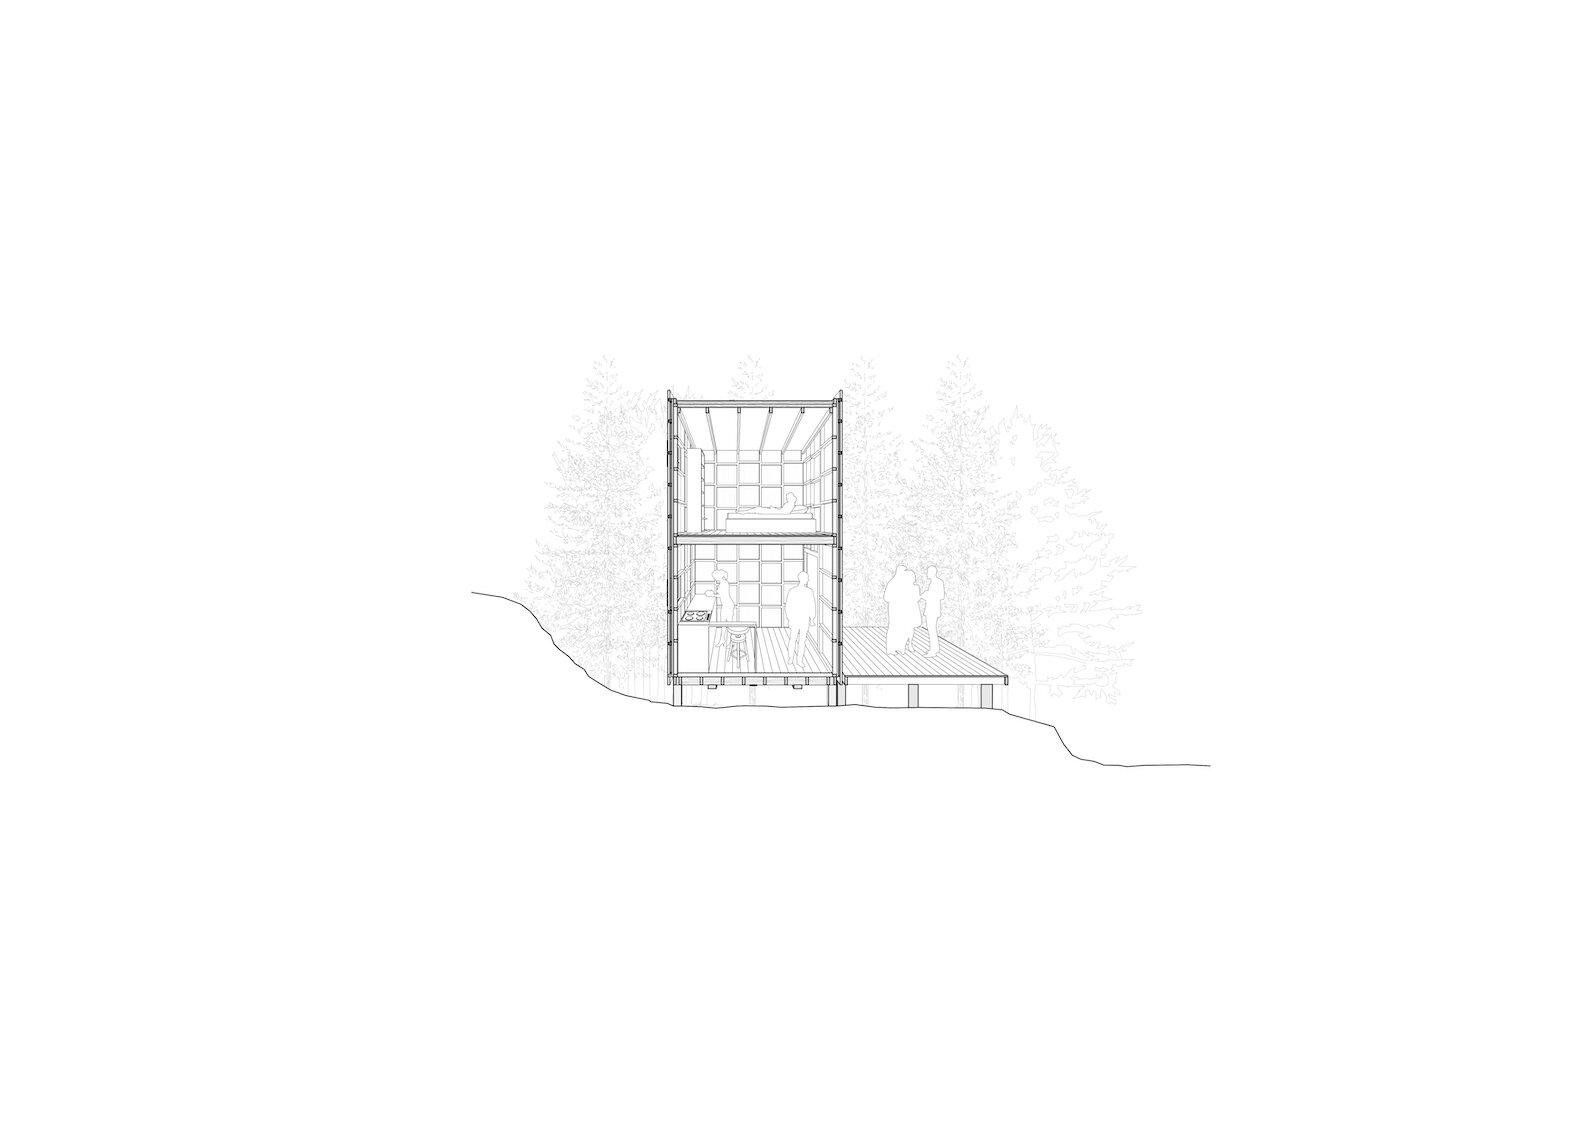 Refugio 3 x 3 section